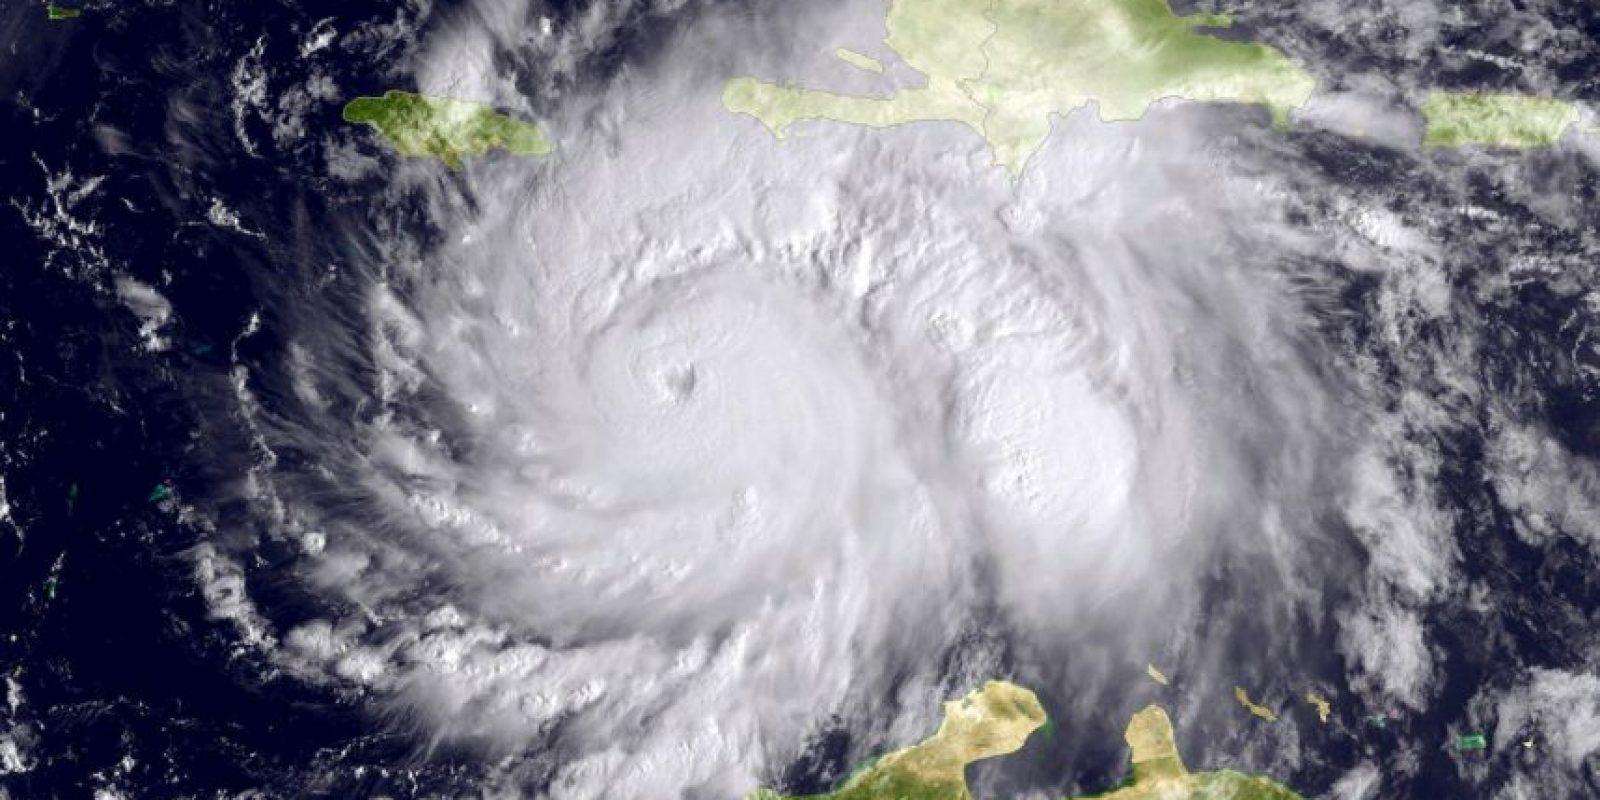 Las bombas de aire tienen la misma fuerza que un huracán. Foto:Getty Images